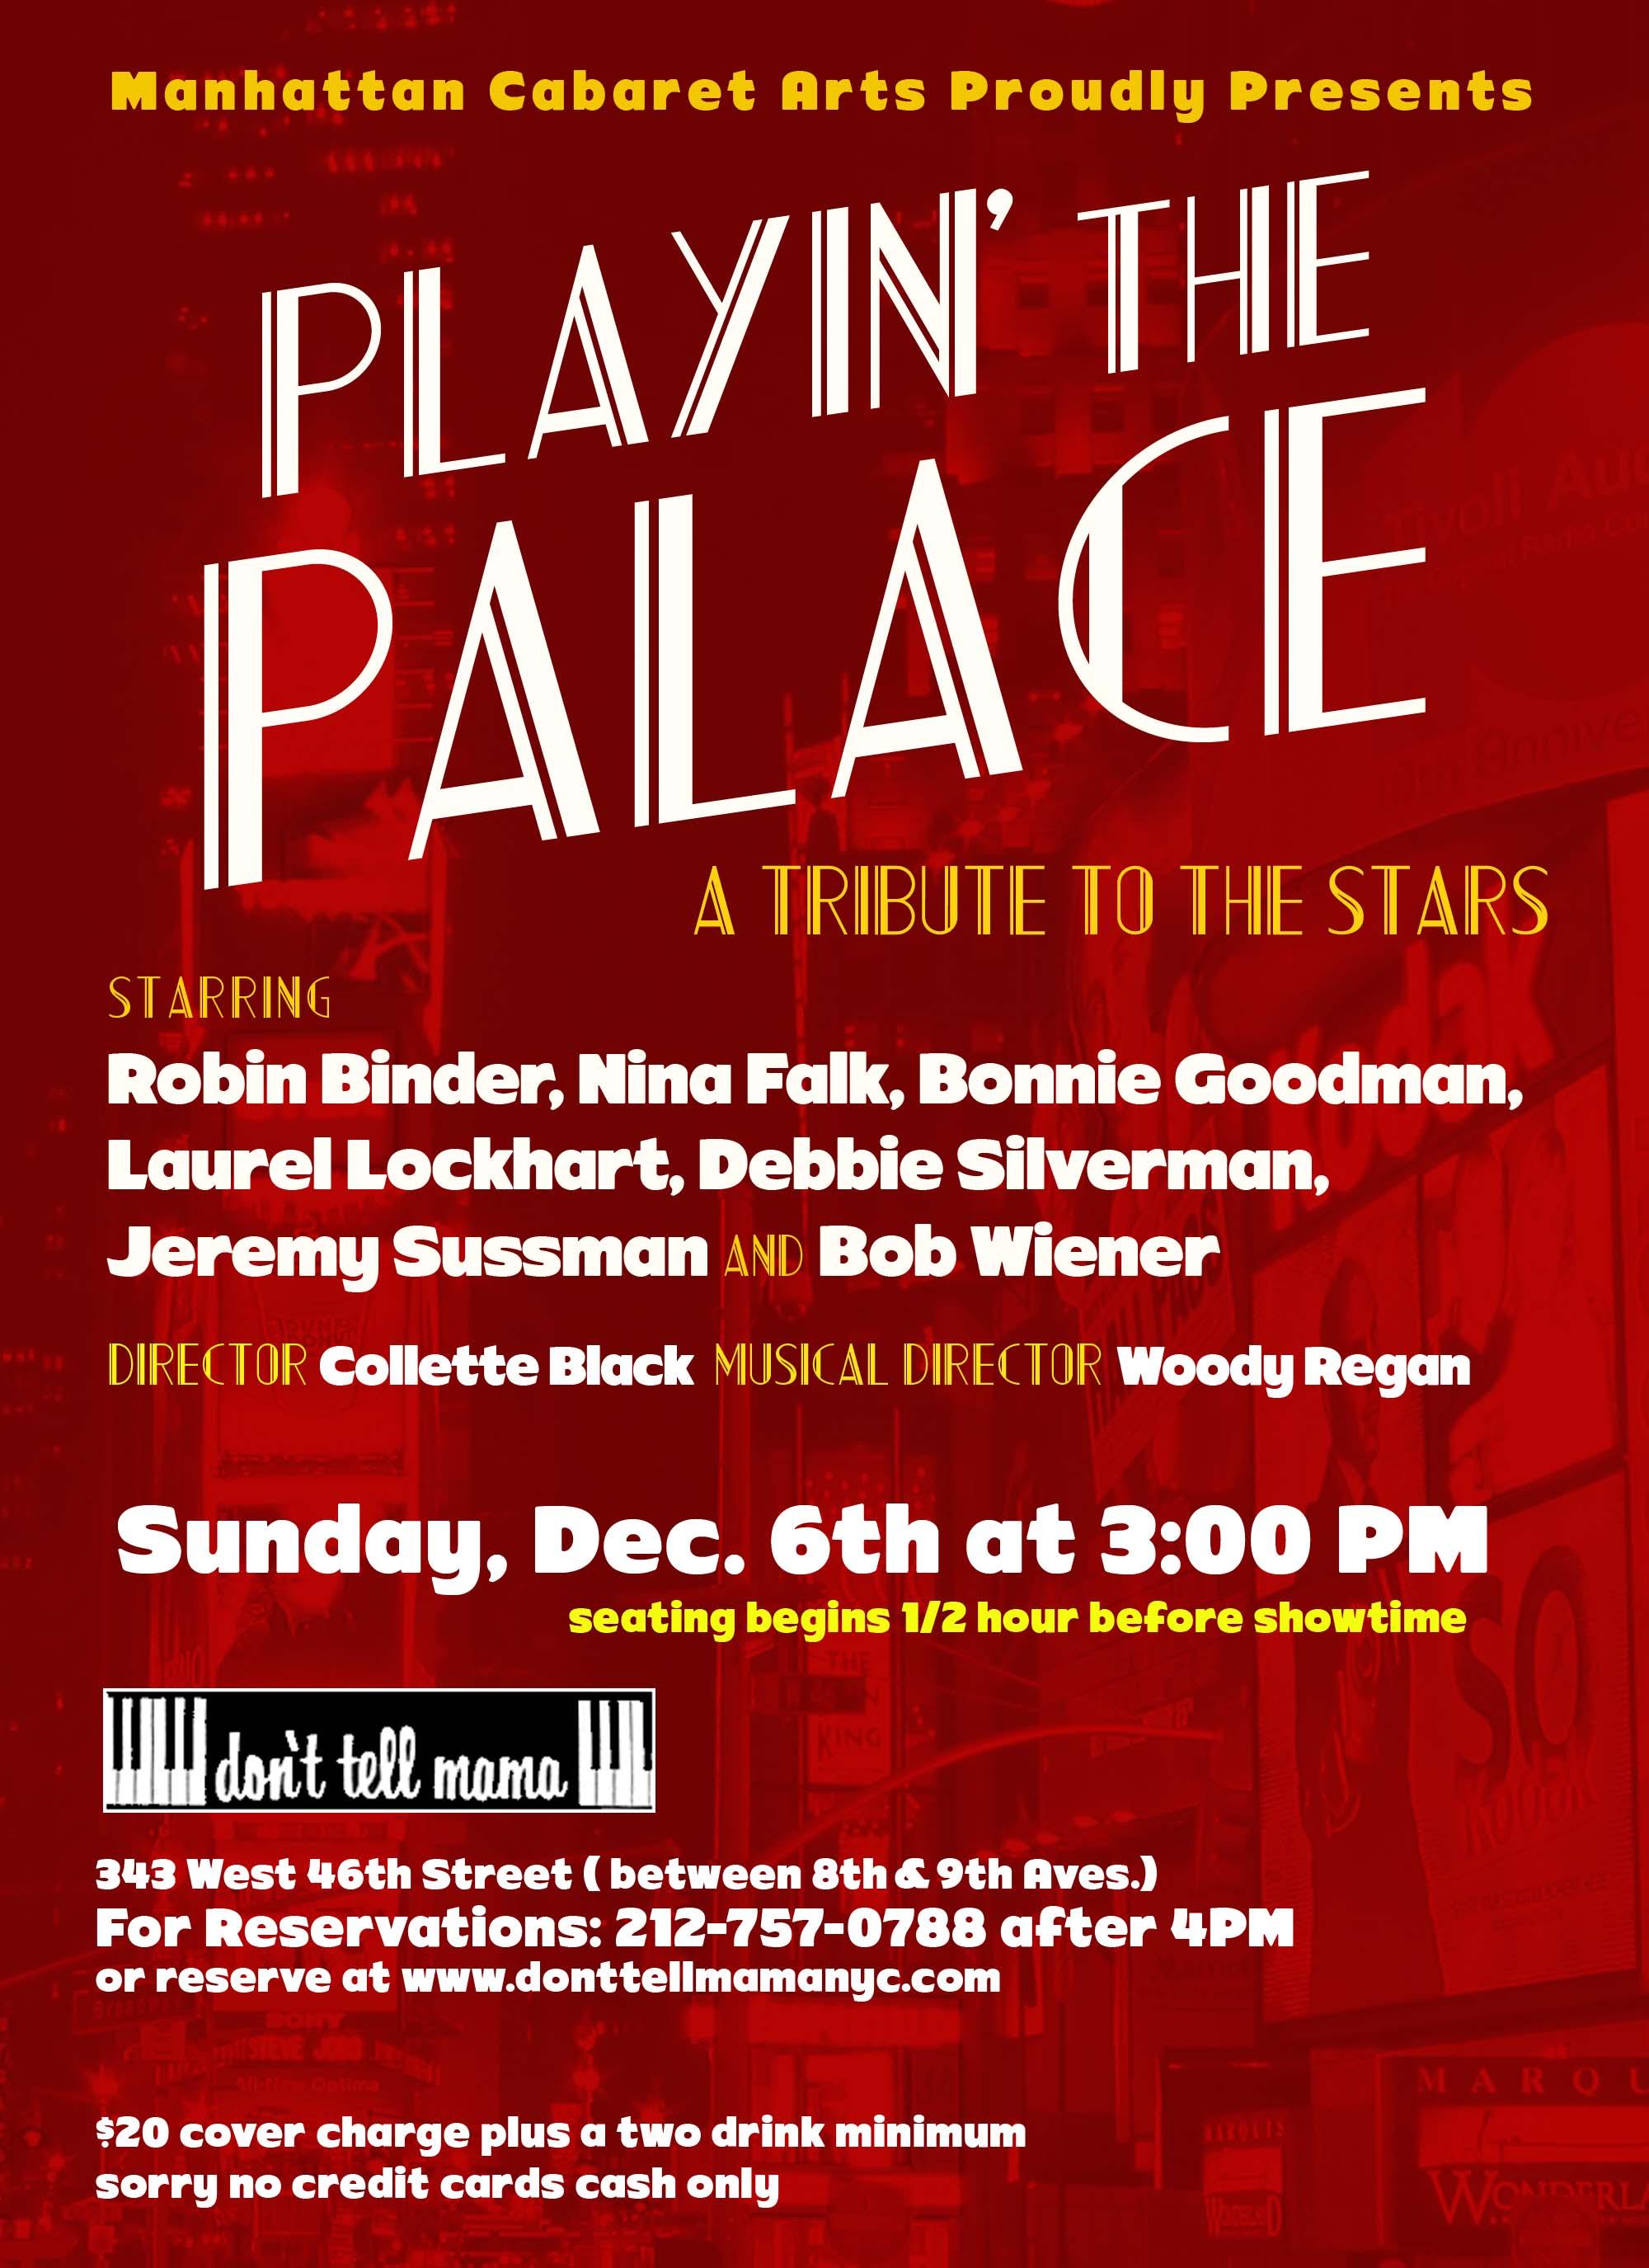 Playin the Palace